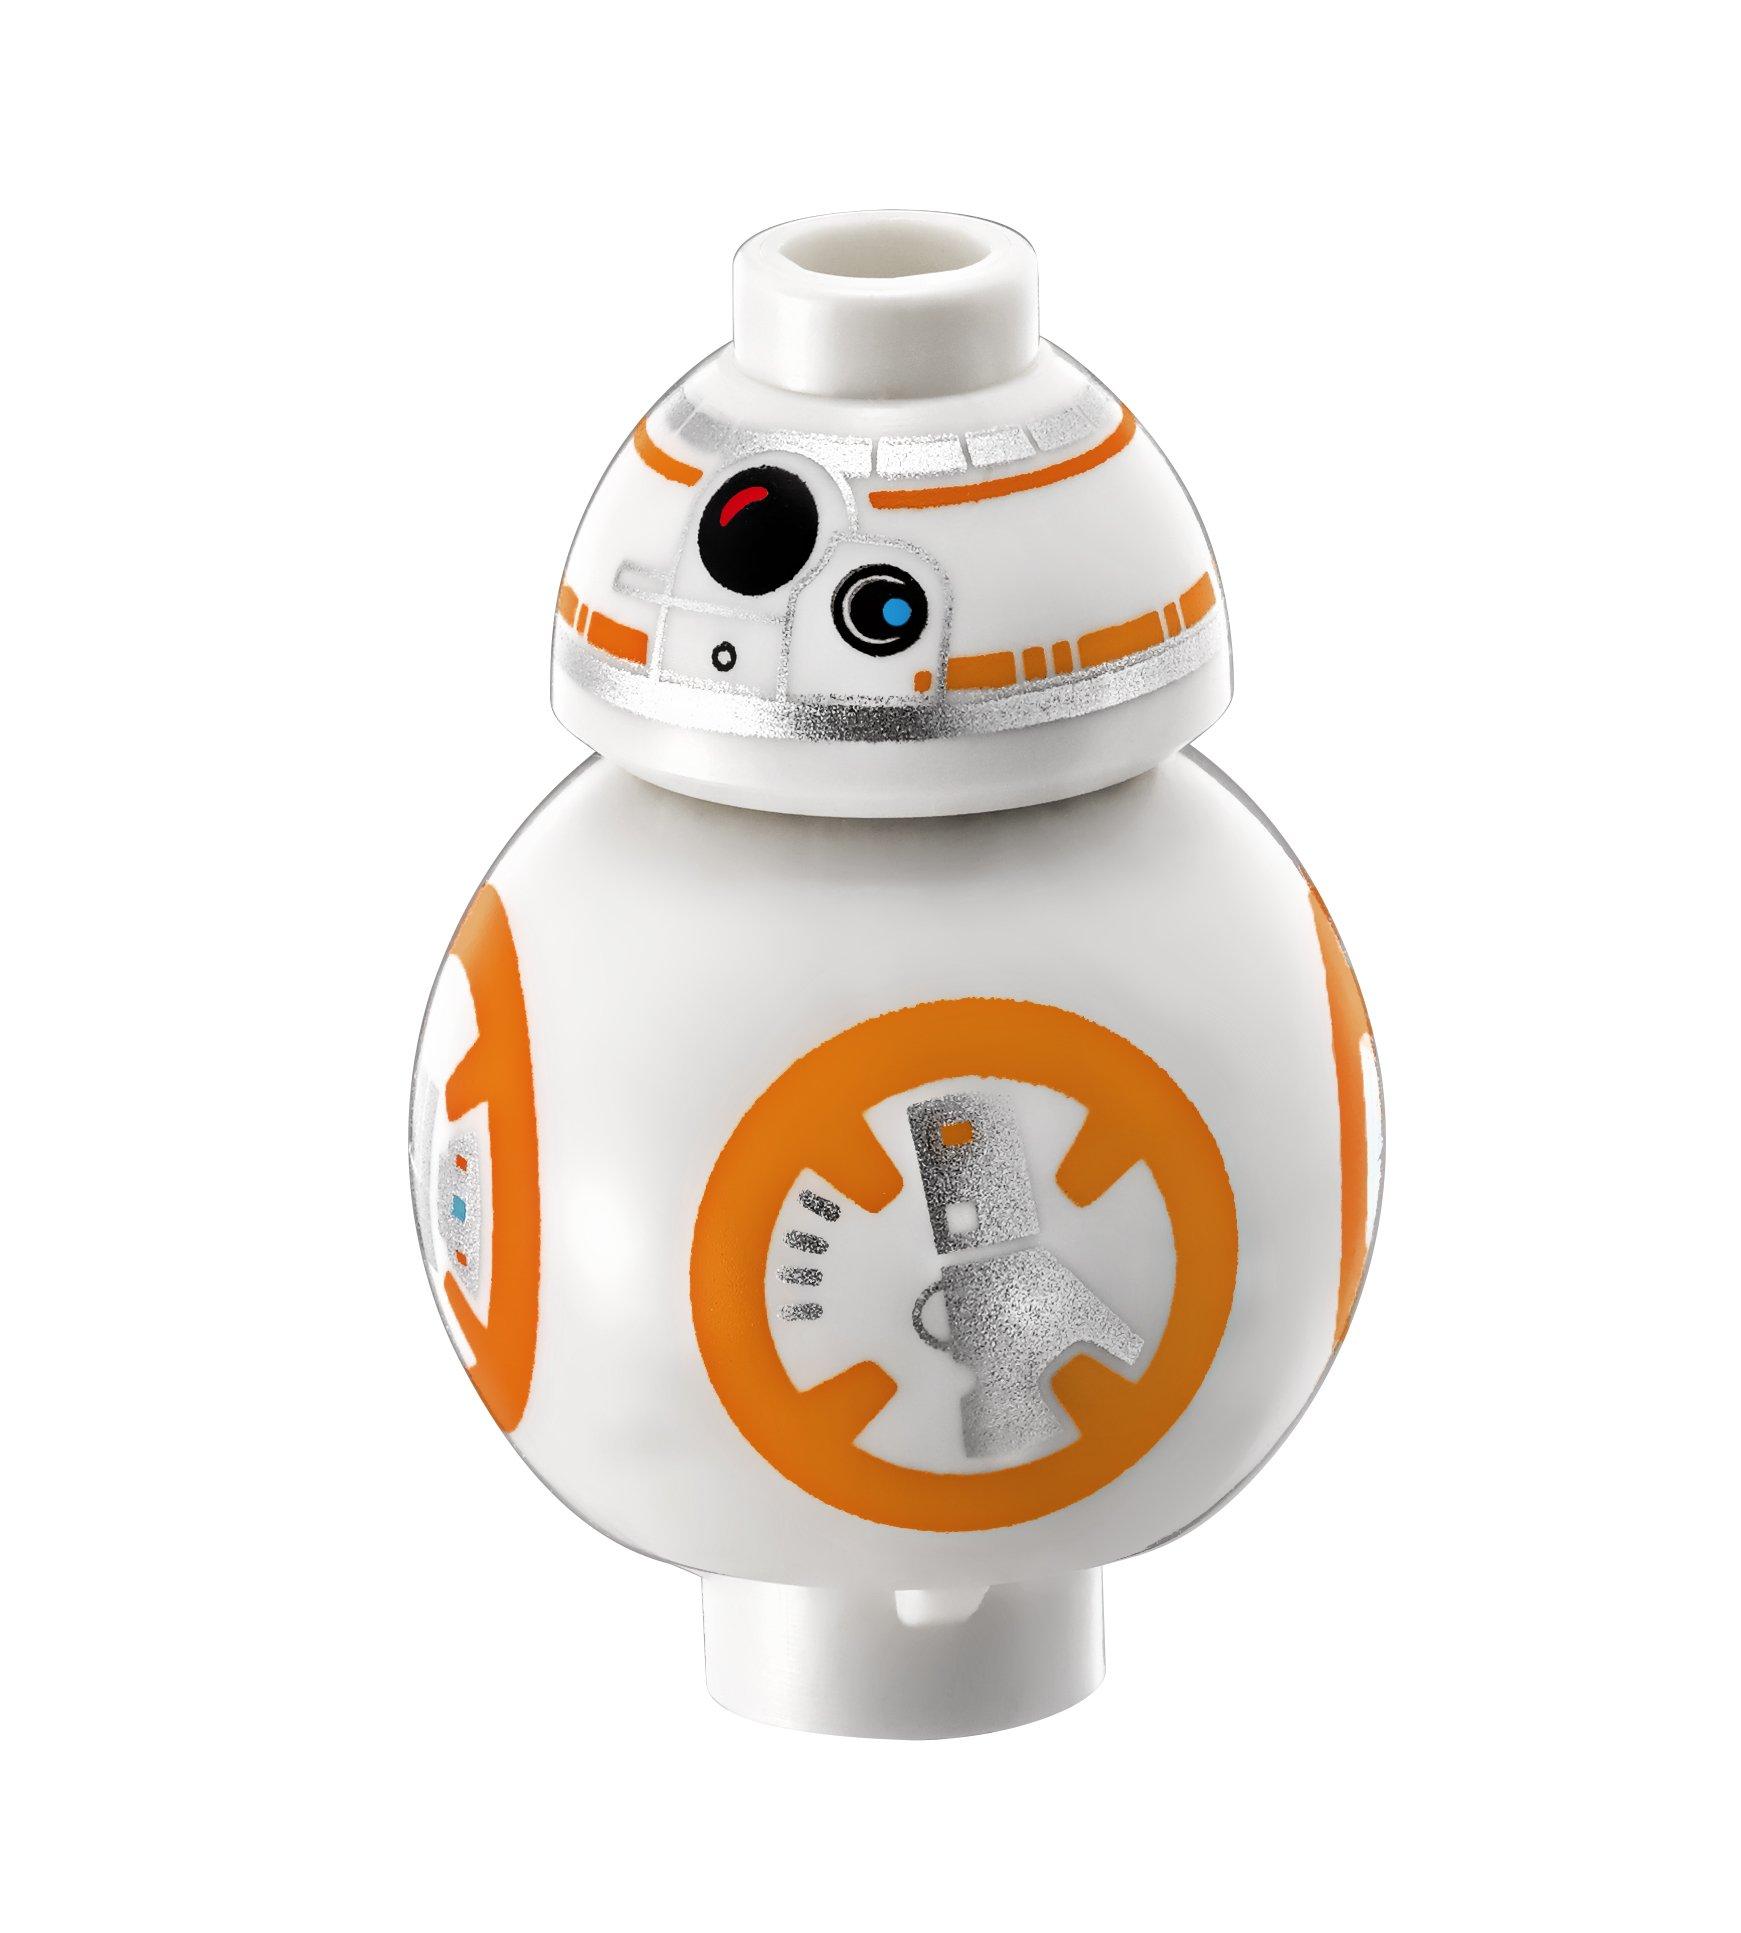 LEGO Star Wars Millennium Falcon 75105 Star Wars Toy by LEGO (Image #8)